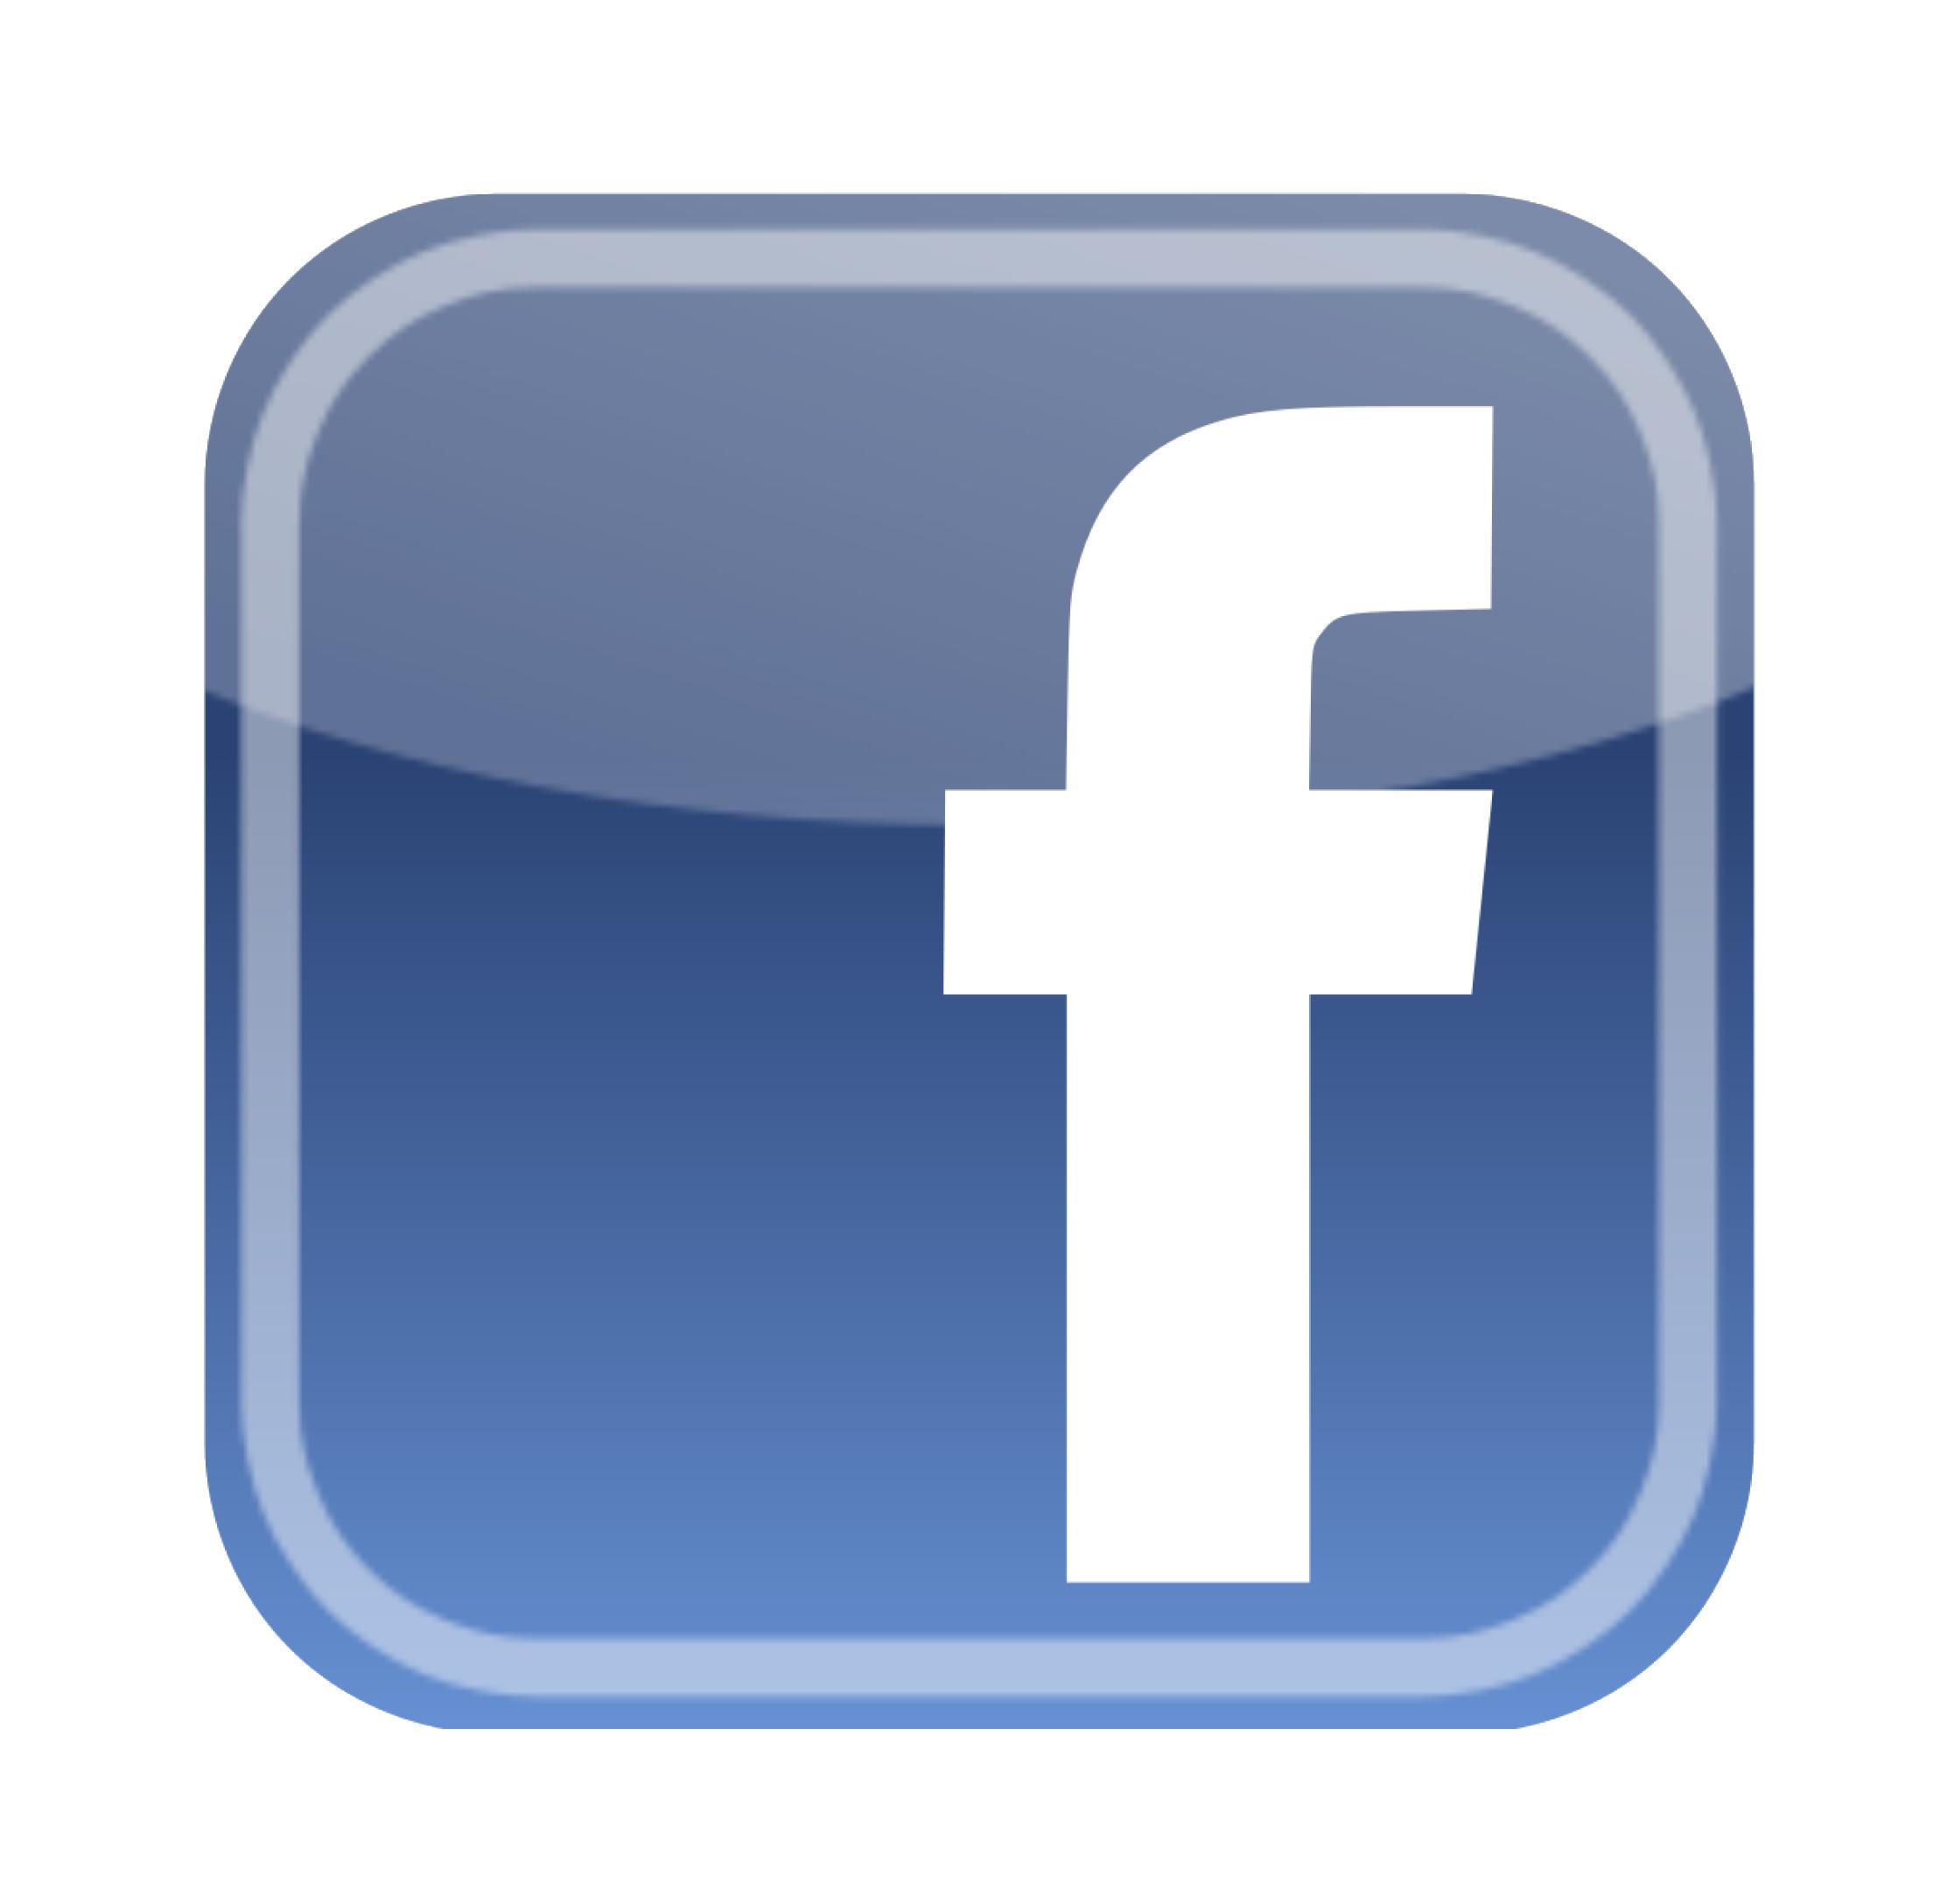 Znalezione obrazy dla zapytania logo fb